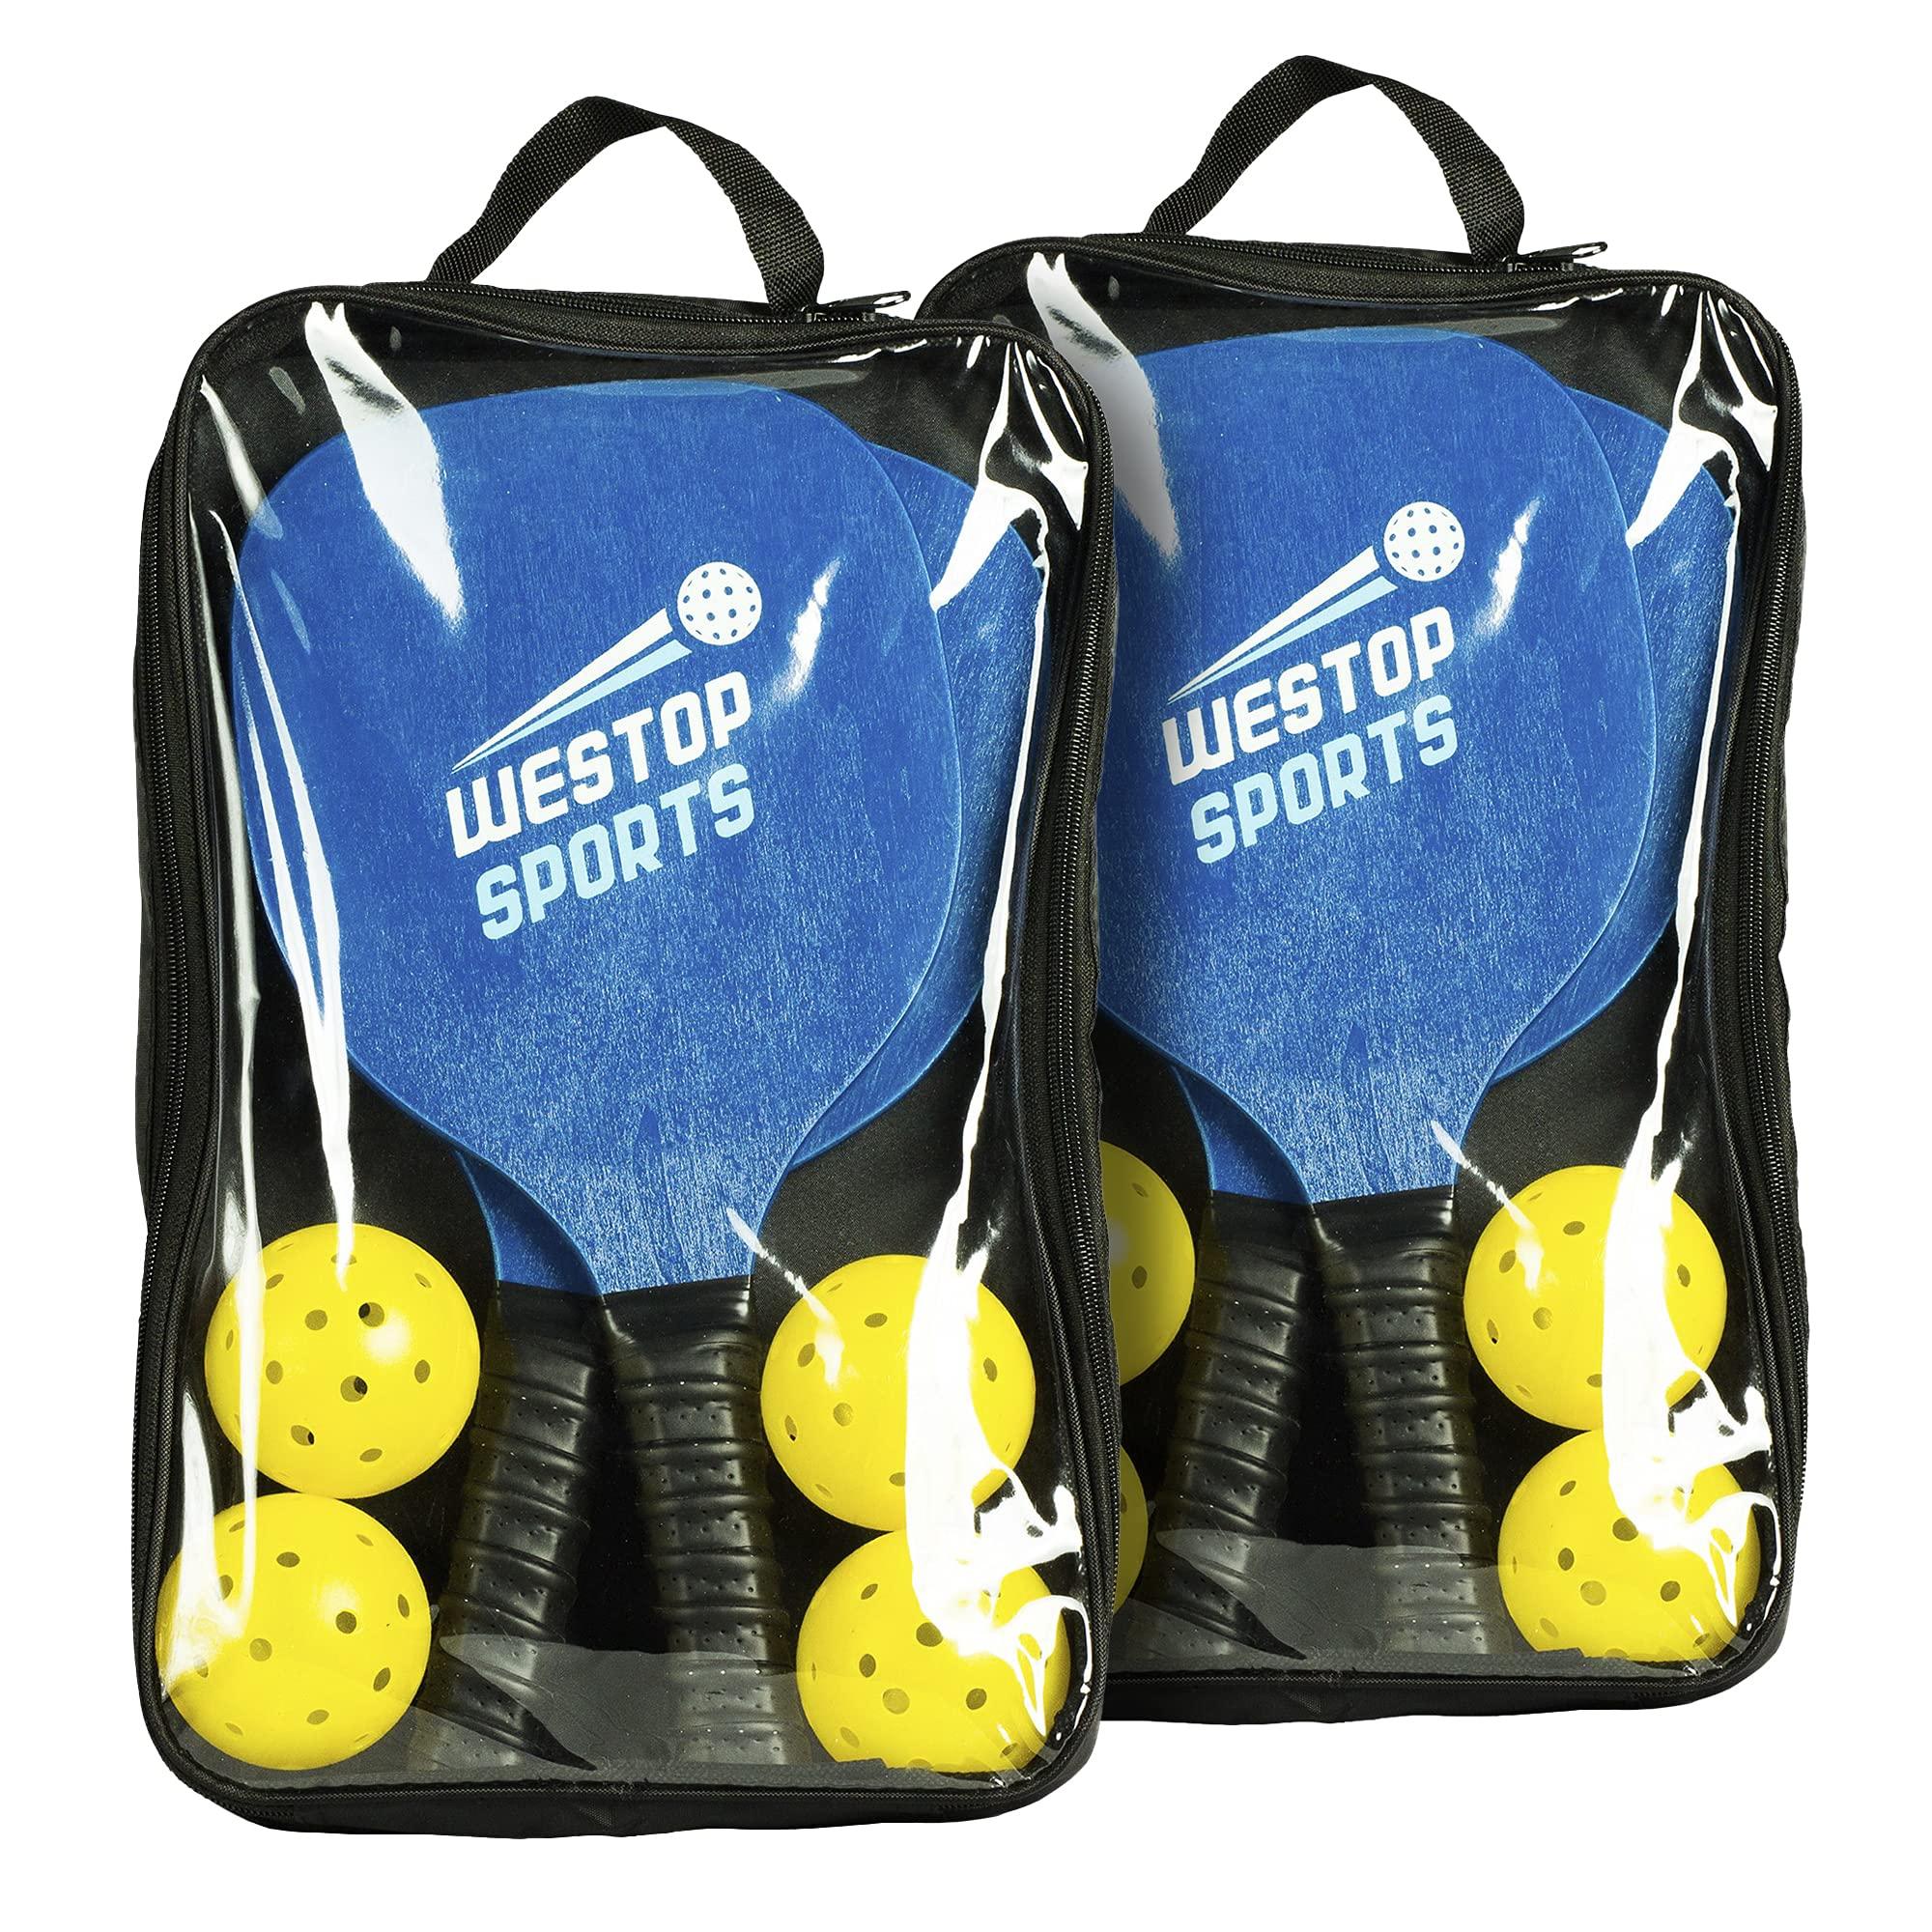 Westop Sports Premium Indoor/Outdoor Pickleball Set Bundle w